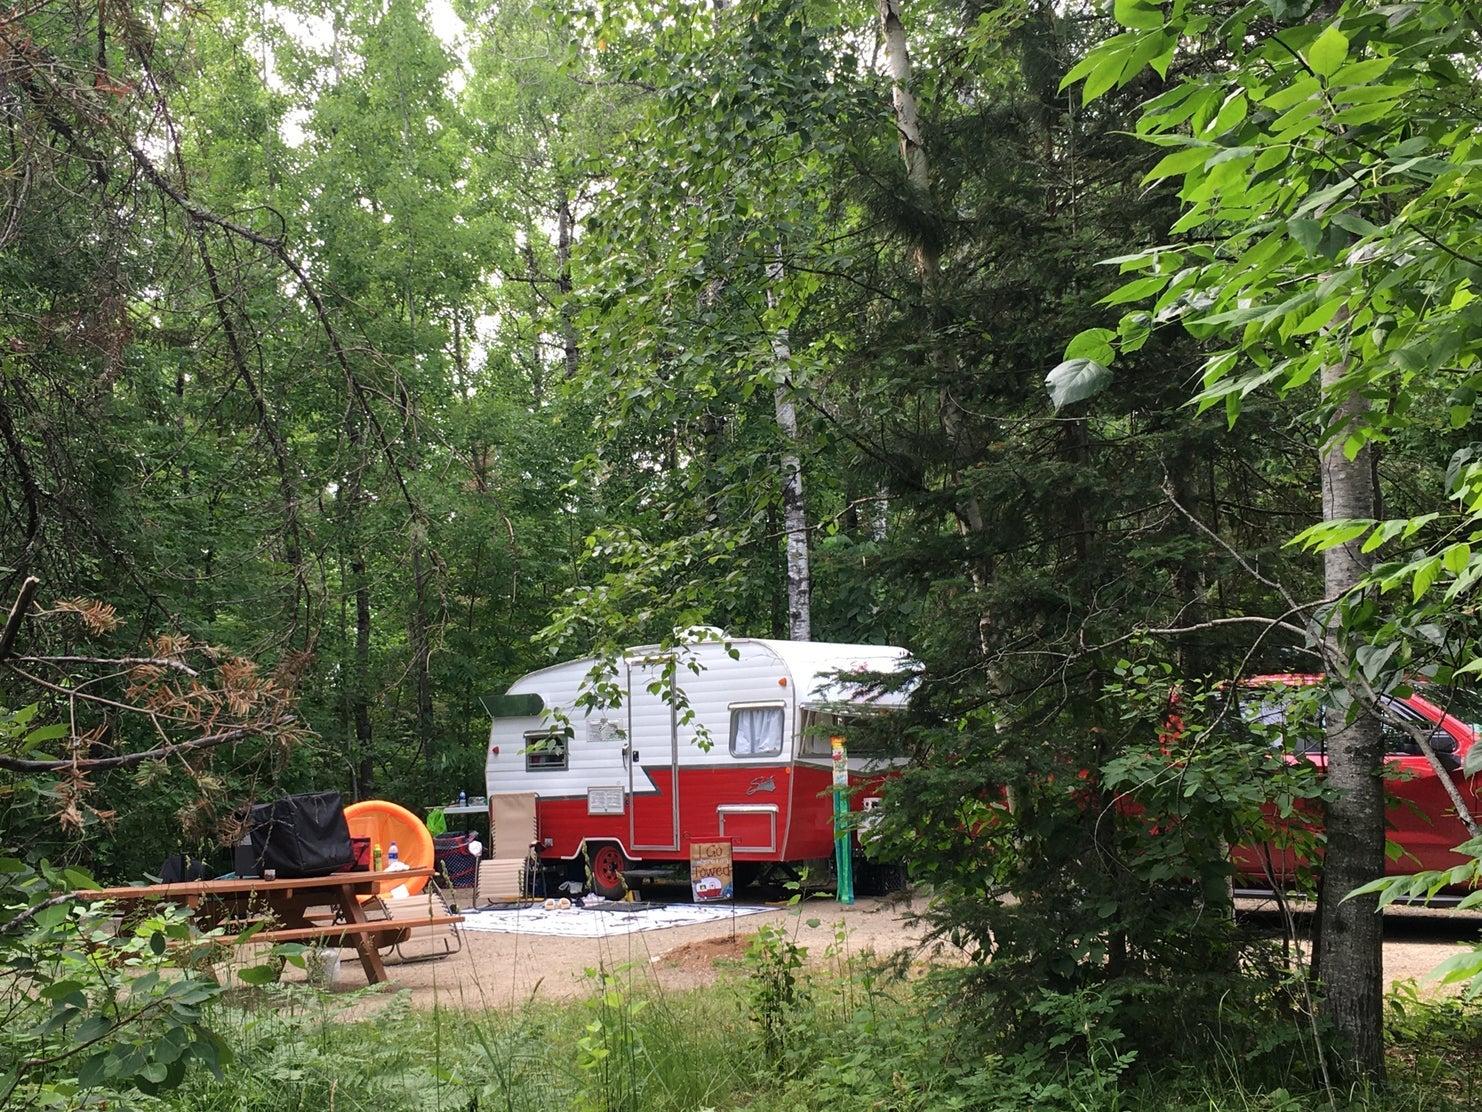 vintage pull behind camper in forest